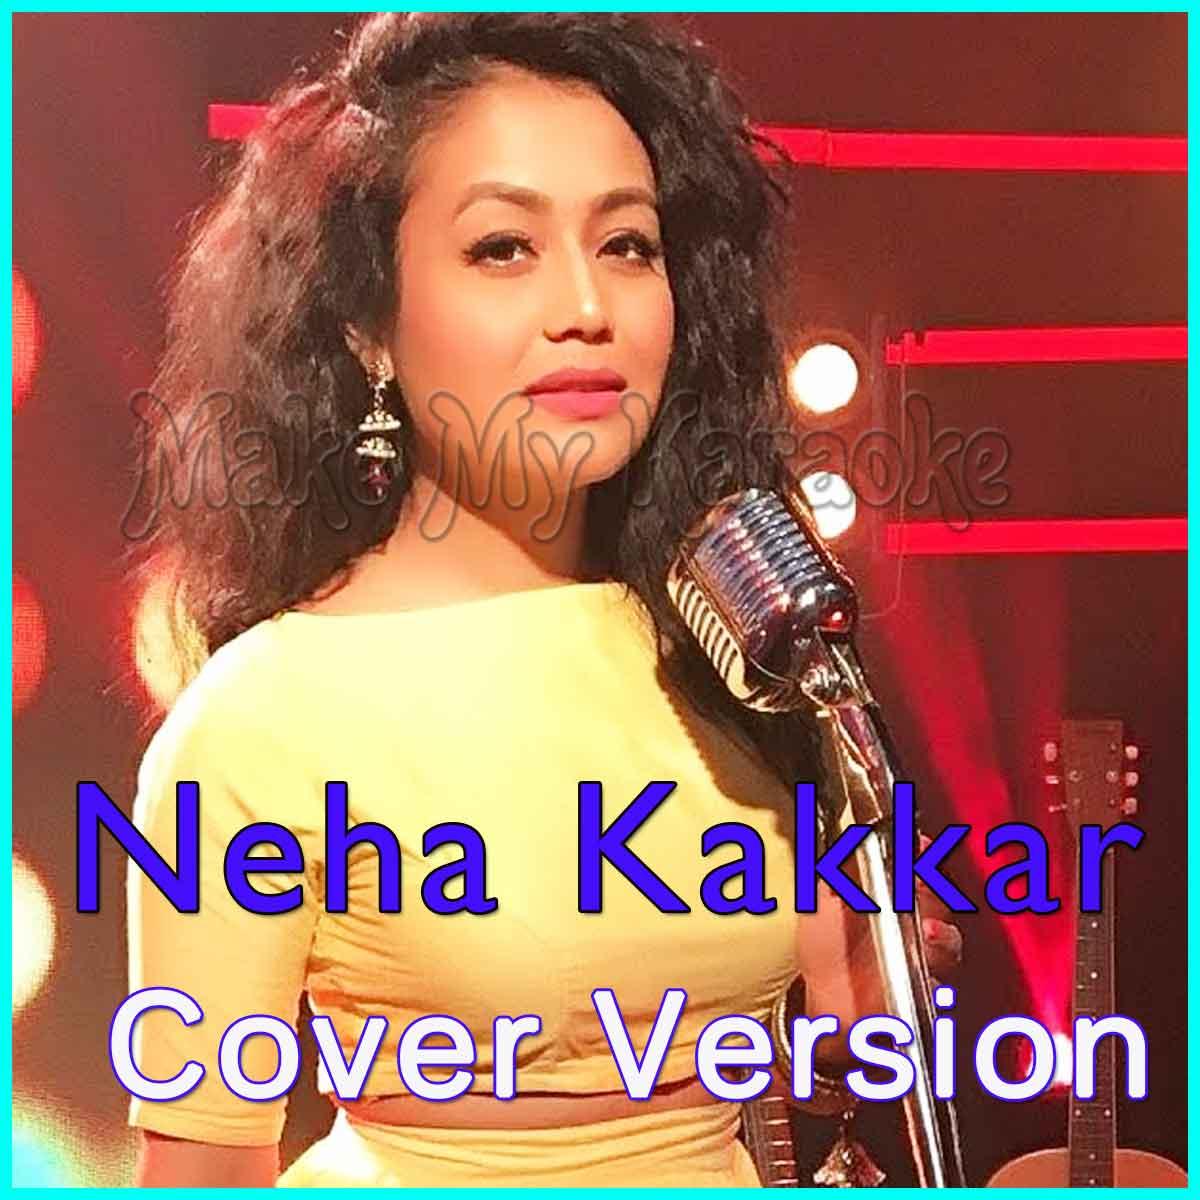 Tera Ghata Neha Kakkar Mr Jatt: Soch Na Sake (Cover Version) Video Karaoke